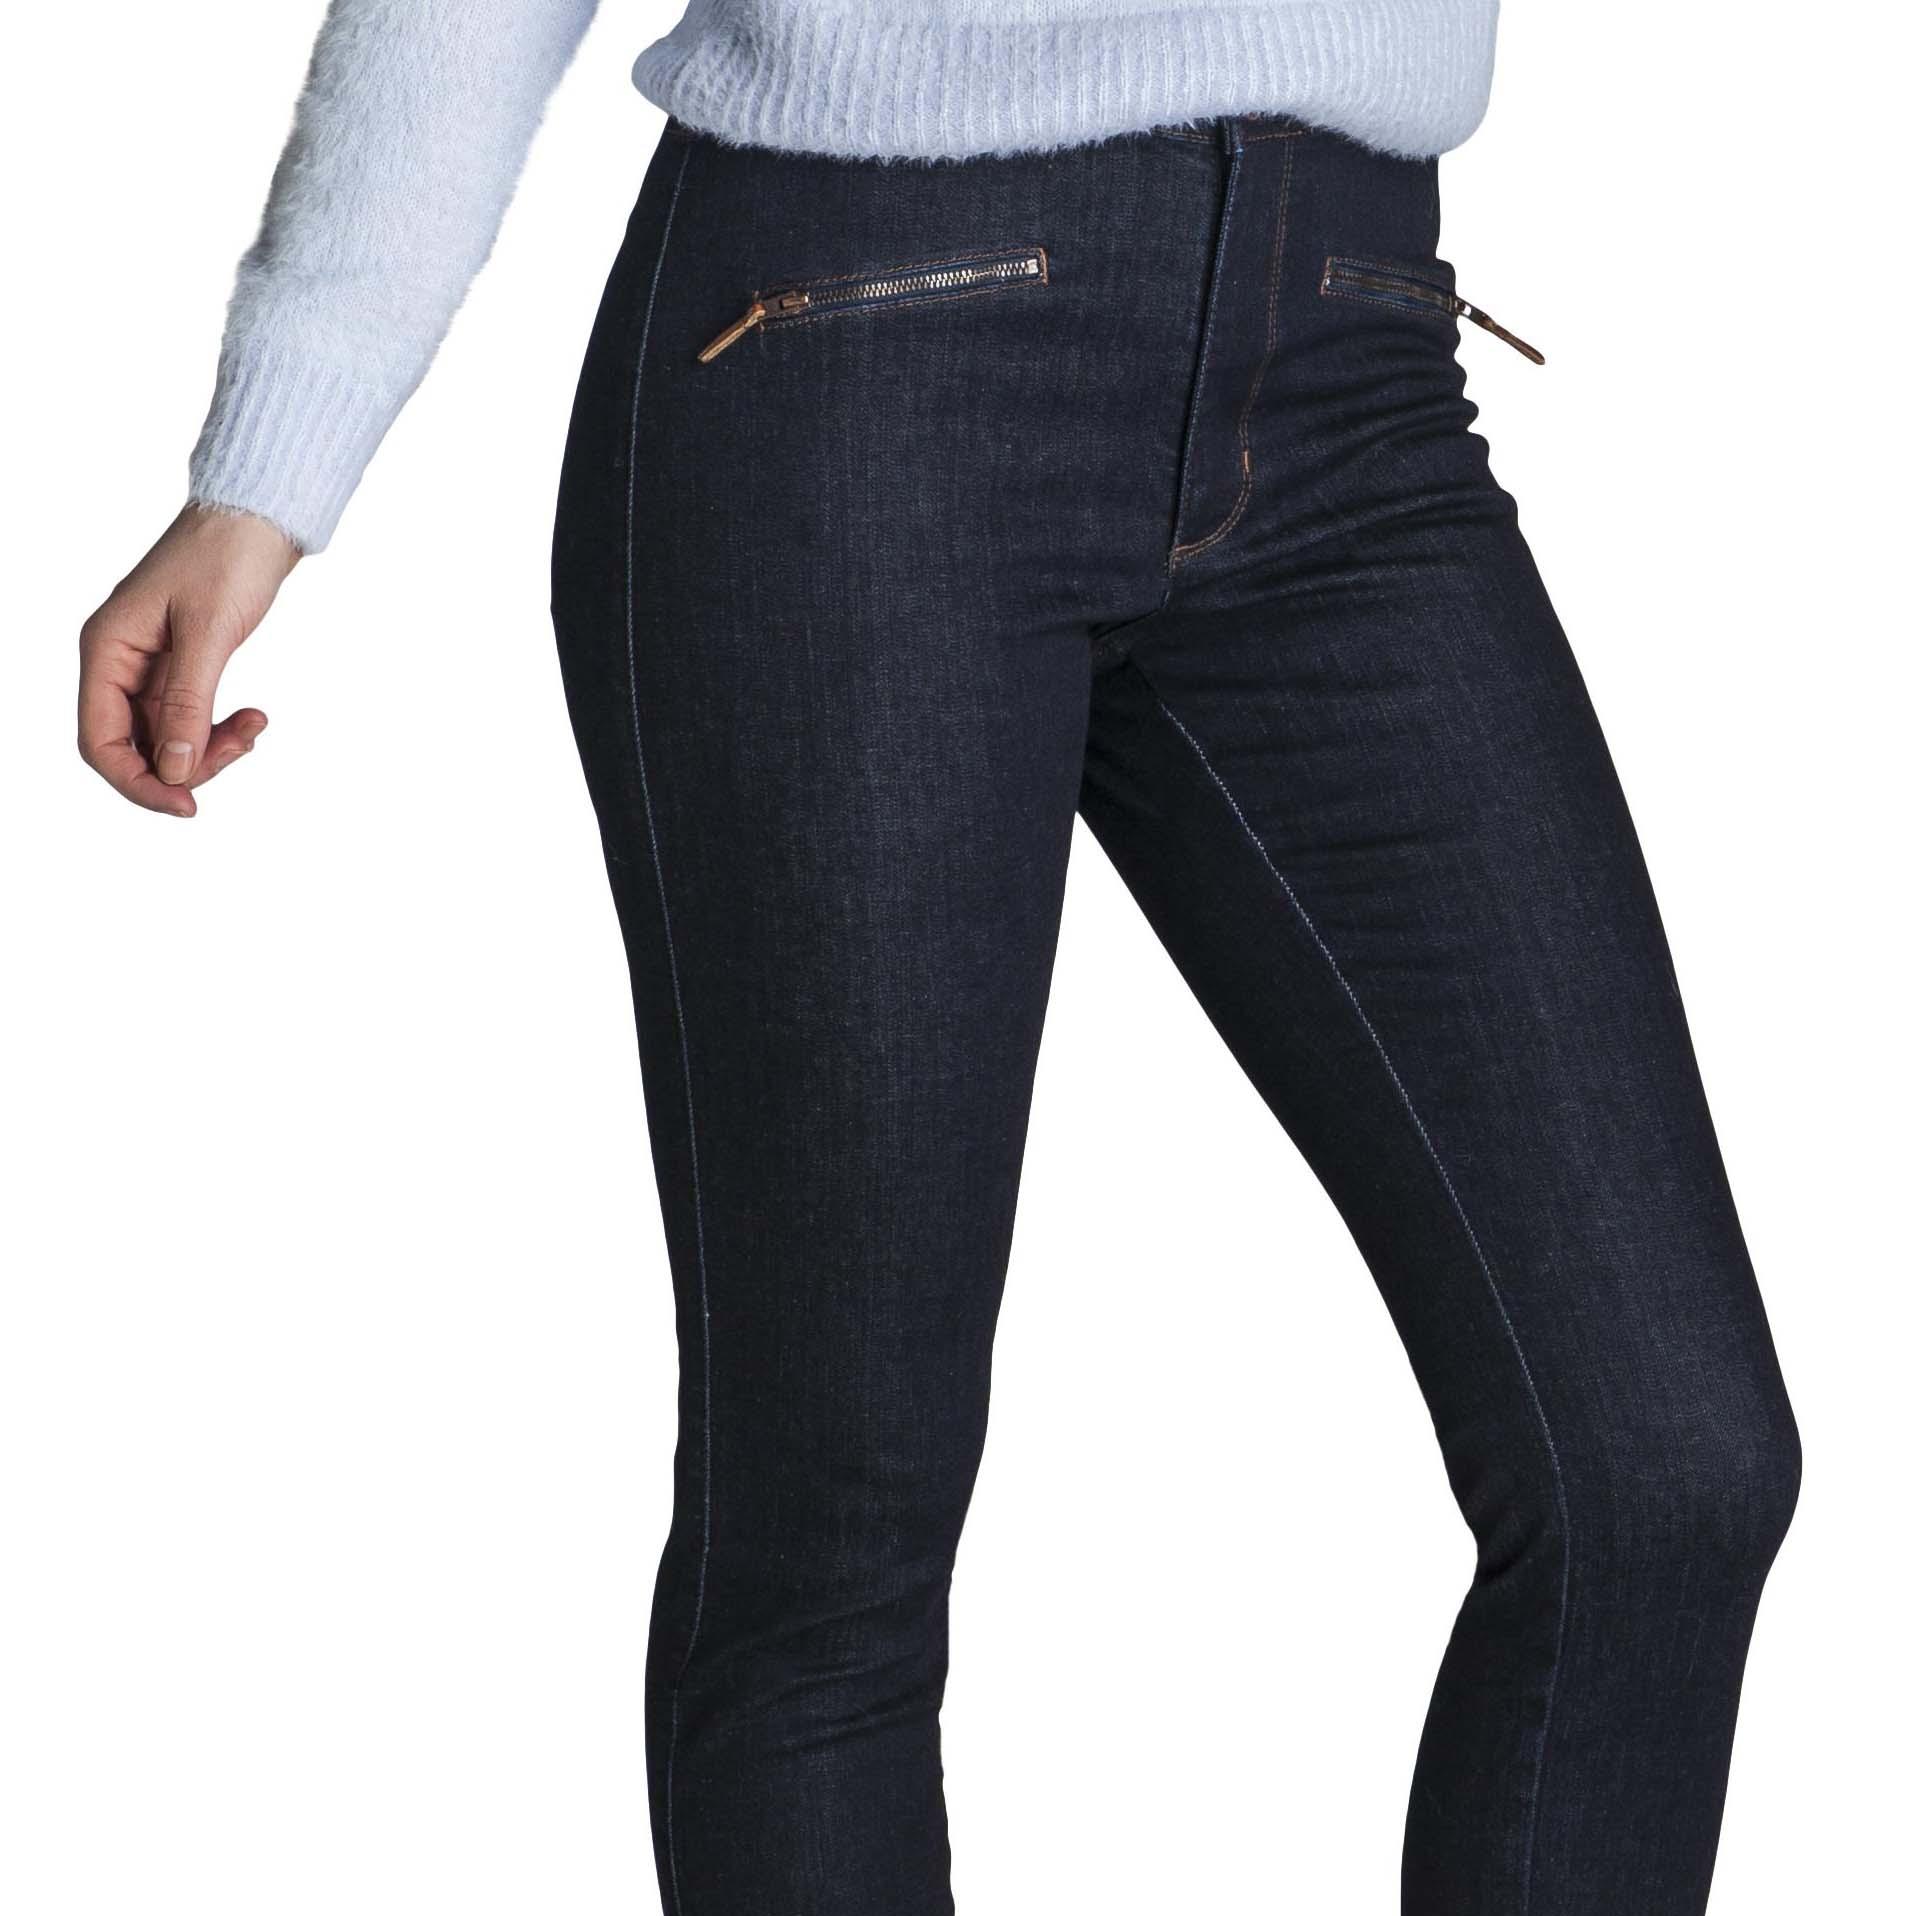 Velsiddende bukser fra Merrytime tilpasset din kropsform